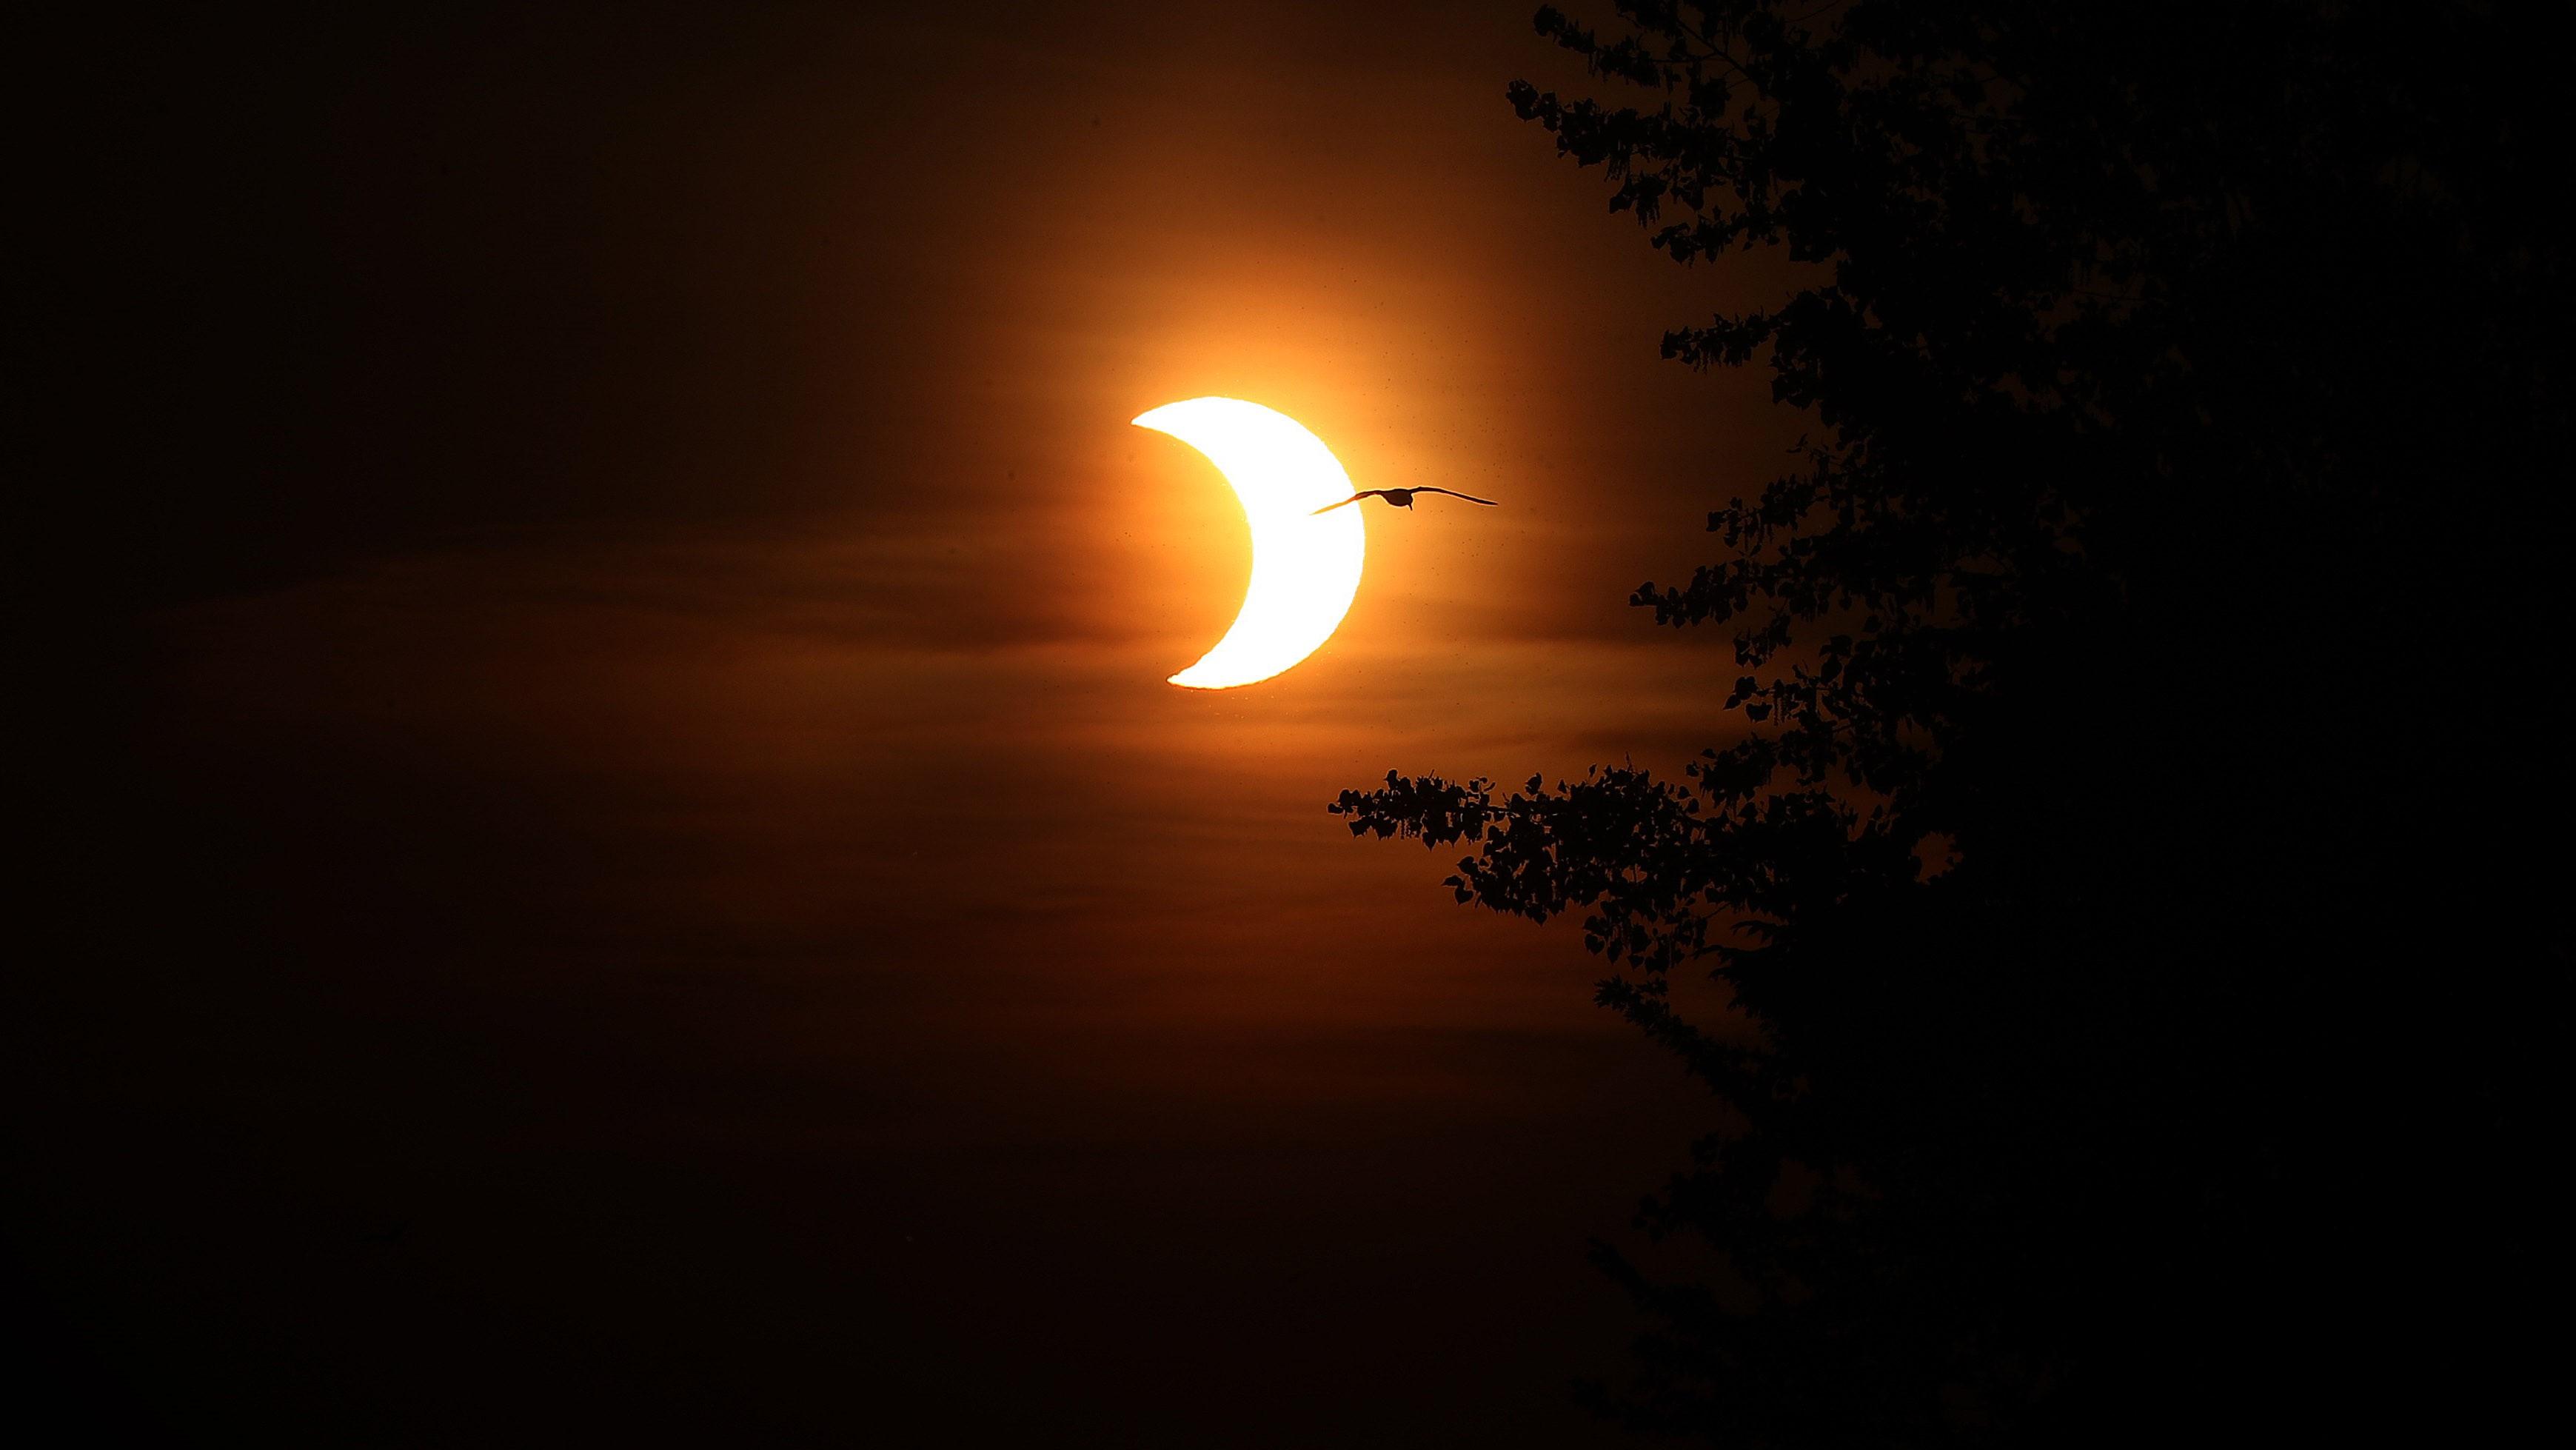 Le soleil éclipsé se levant au-dessus de Toronto le 10 juin 2021, vu par Steve Russell.